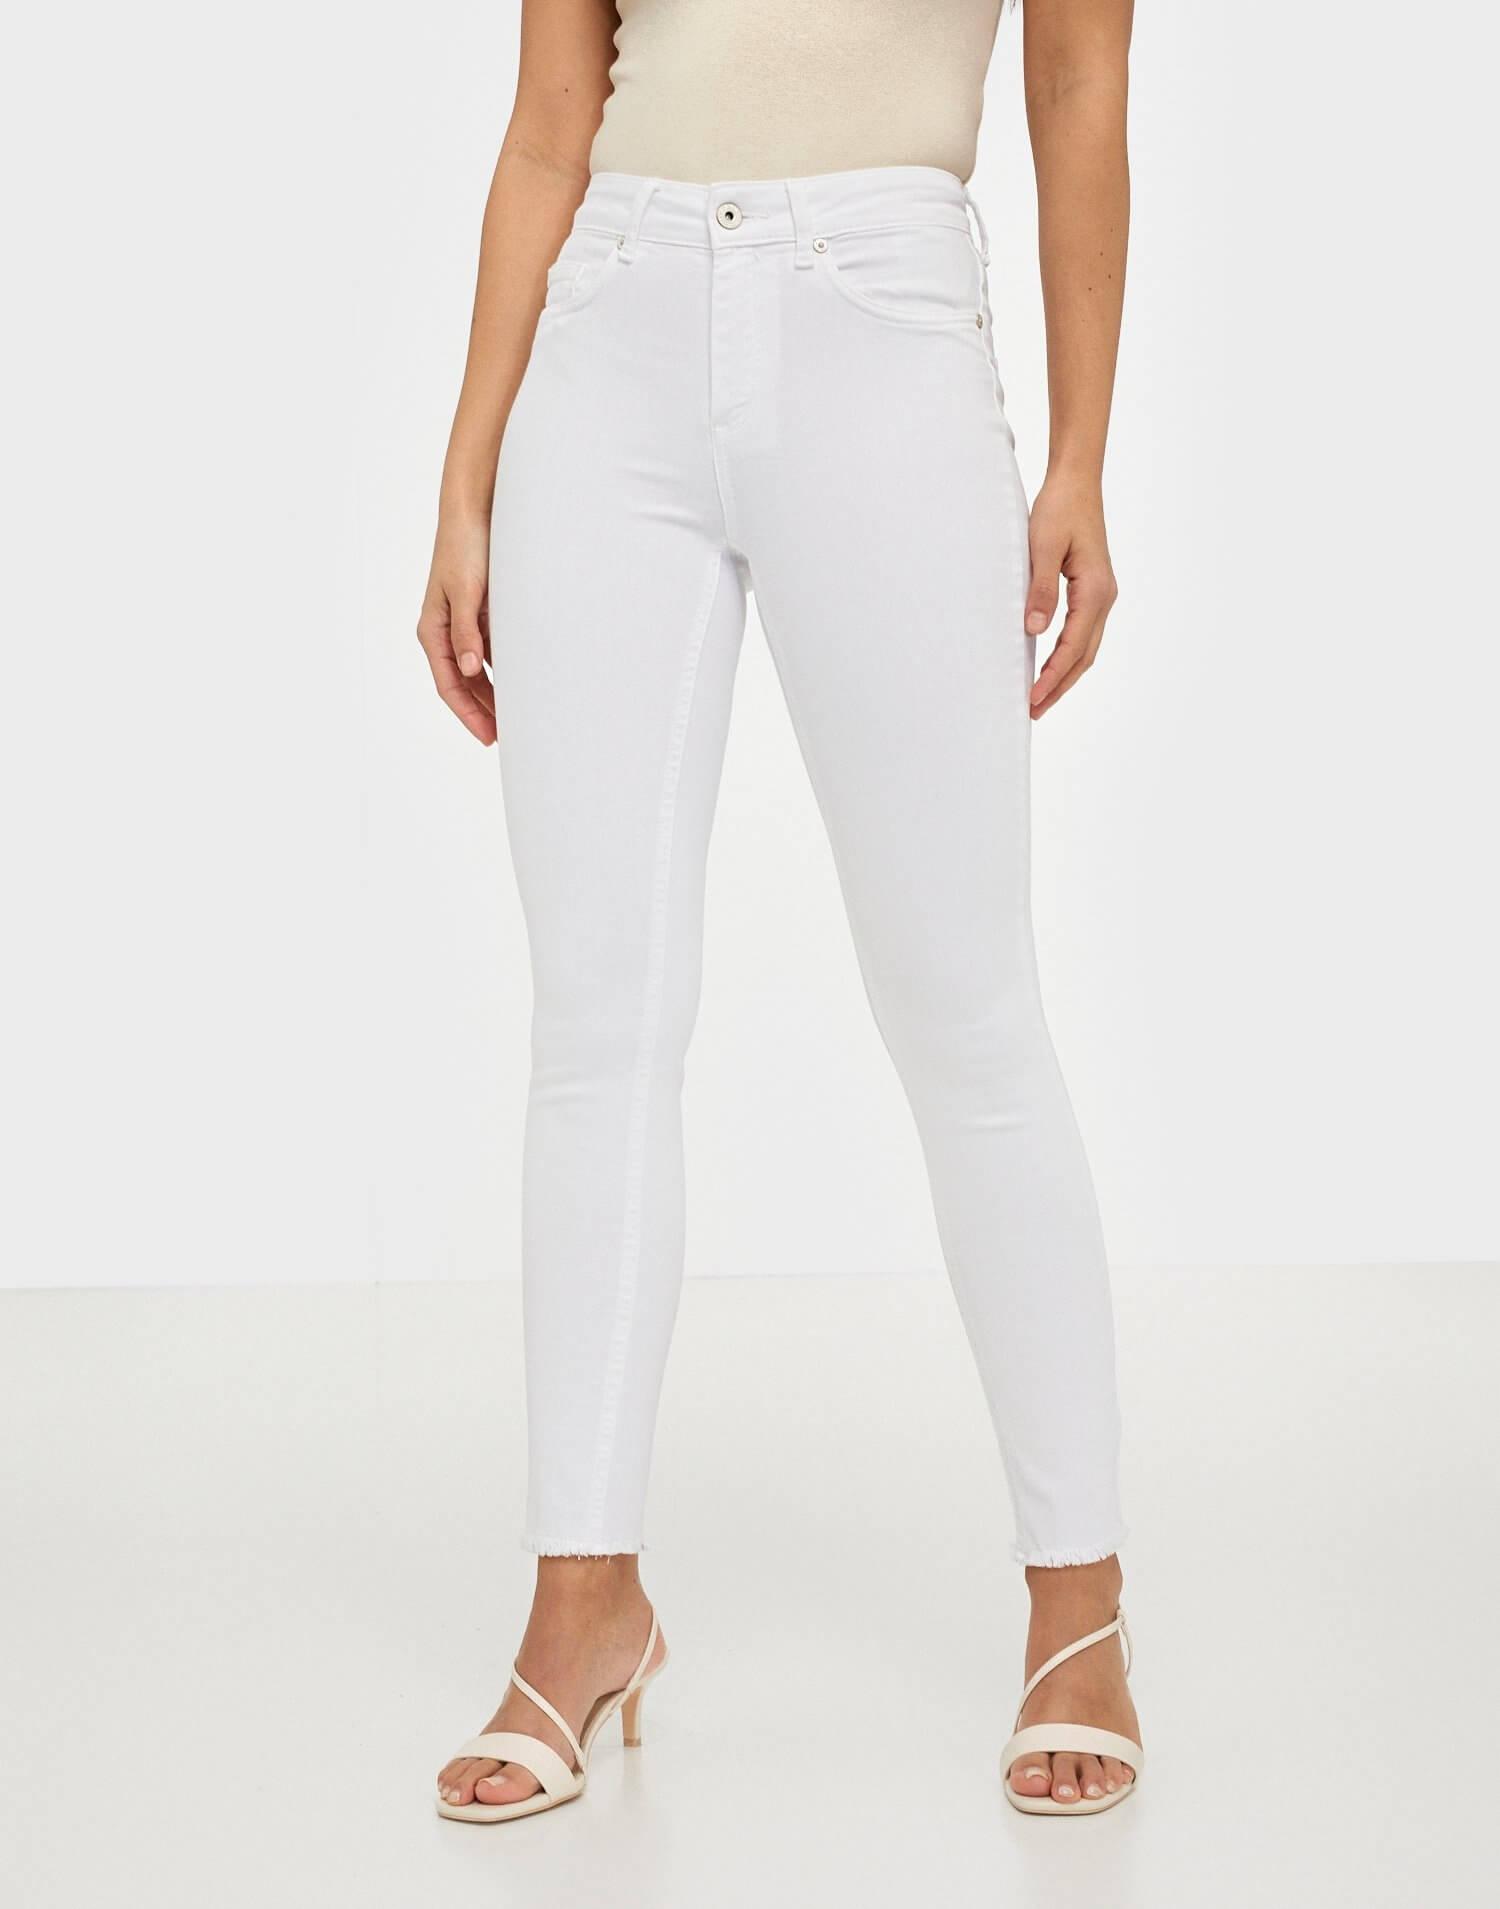 Vita jeans i skinny fit från Vero Moda.